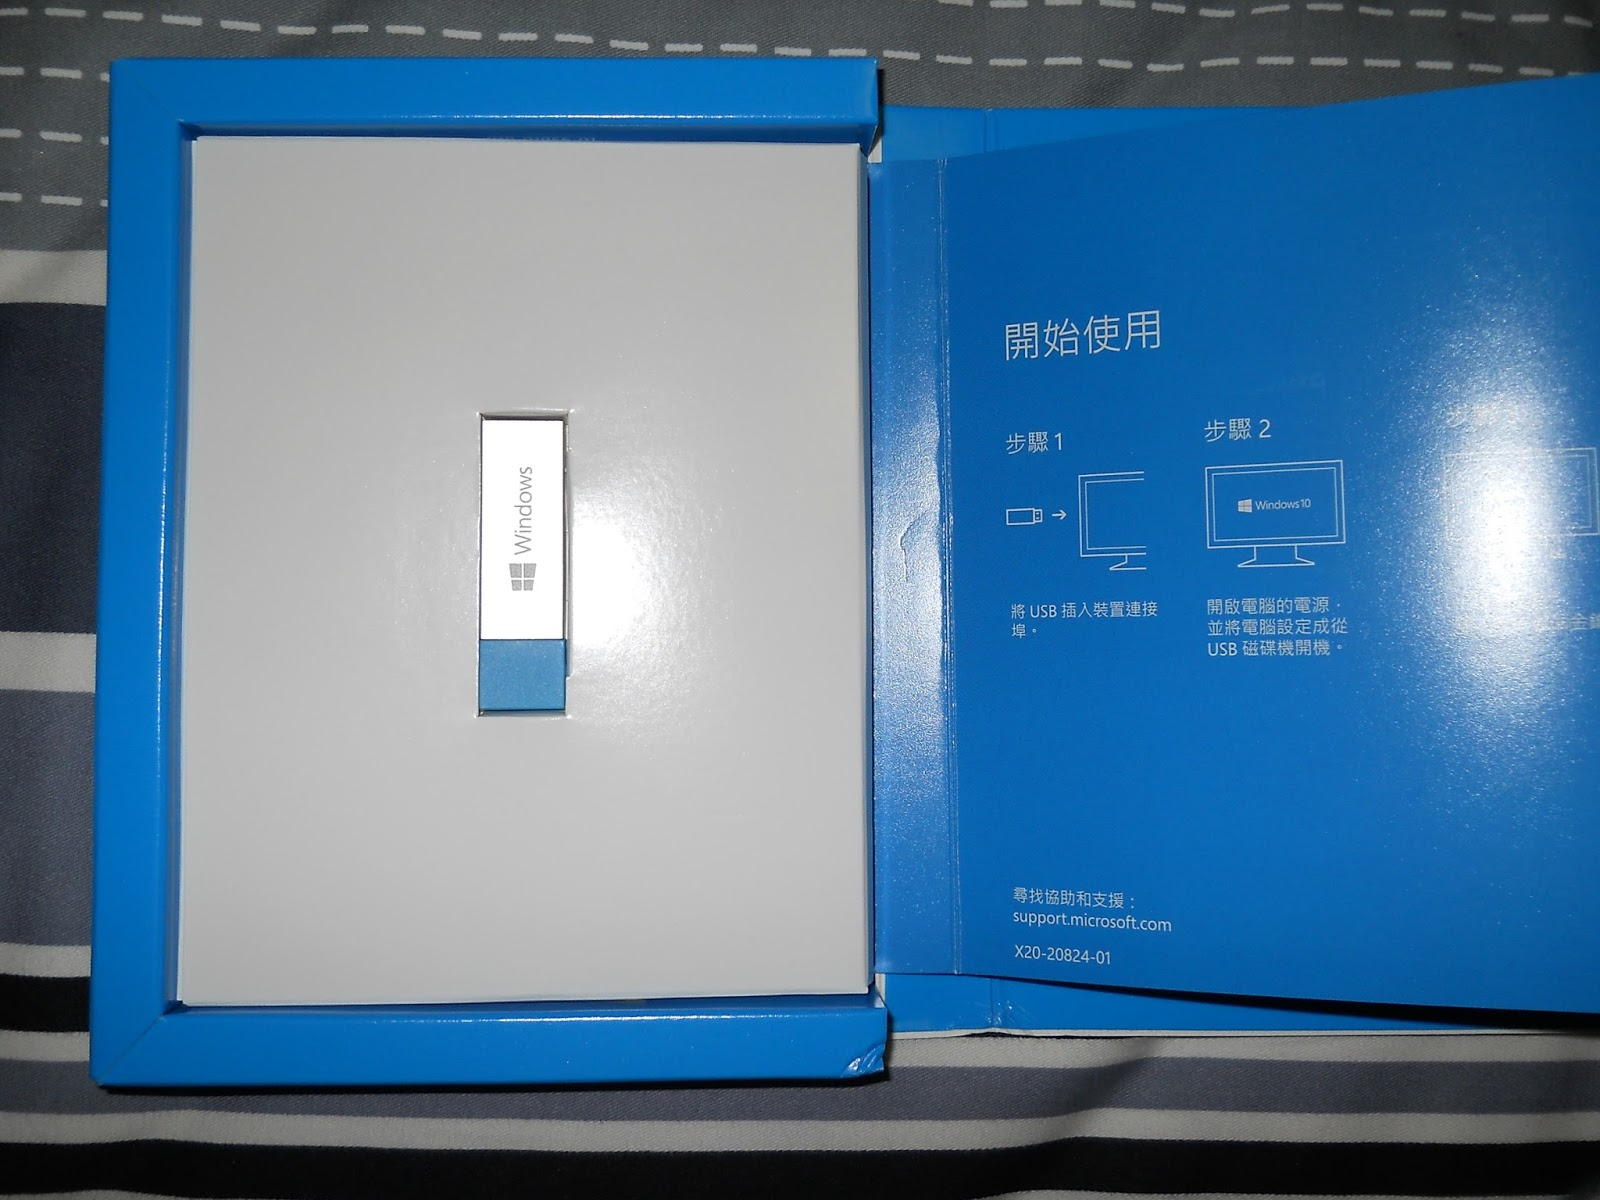 愜閒居: WINDOWS 10 家用完整彩盒版 極簡單開箱......